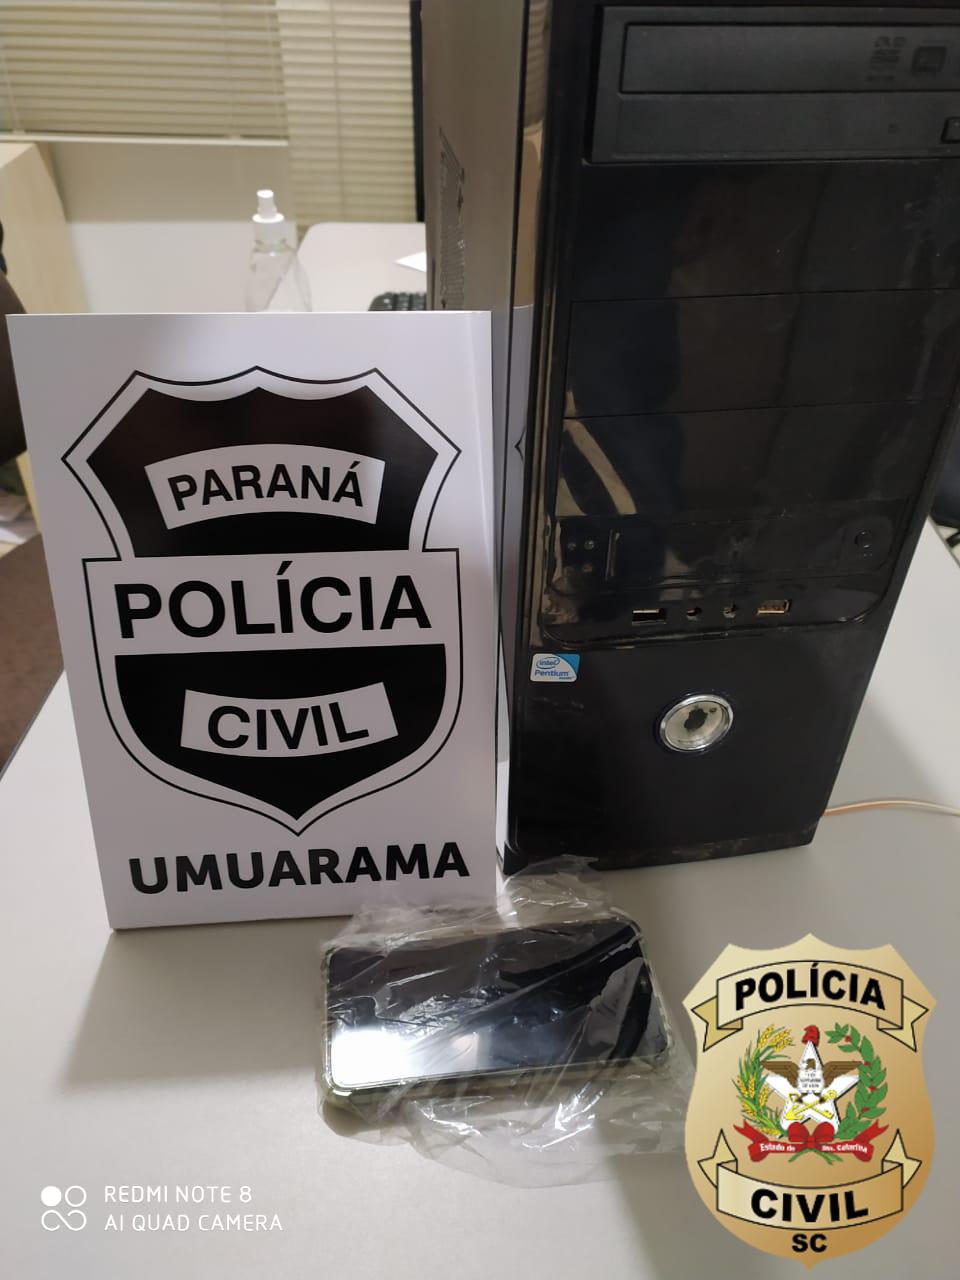 Polícia prende homem no Paraná por solicitar foto íntima de criança de Brusque